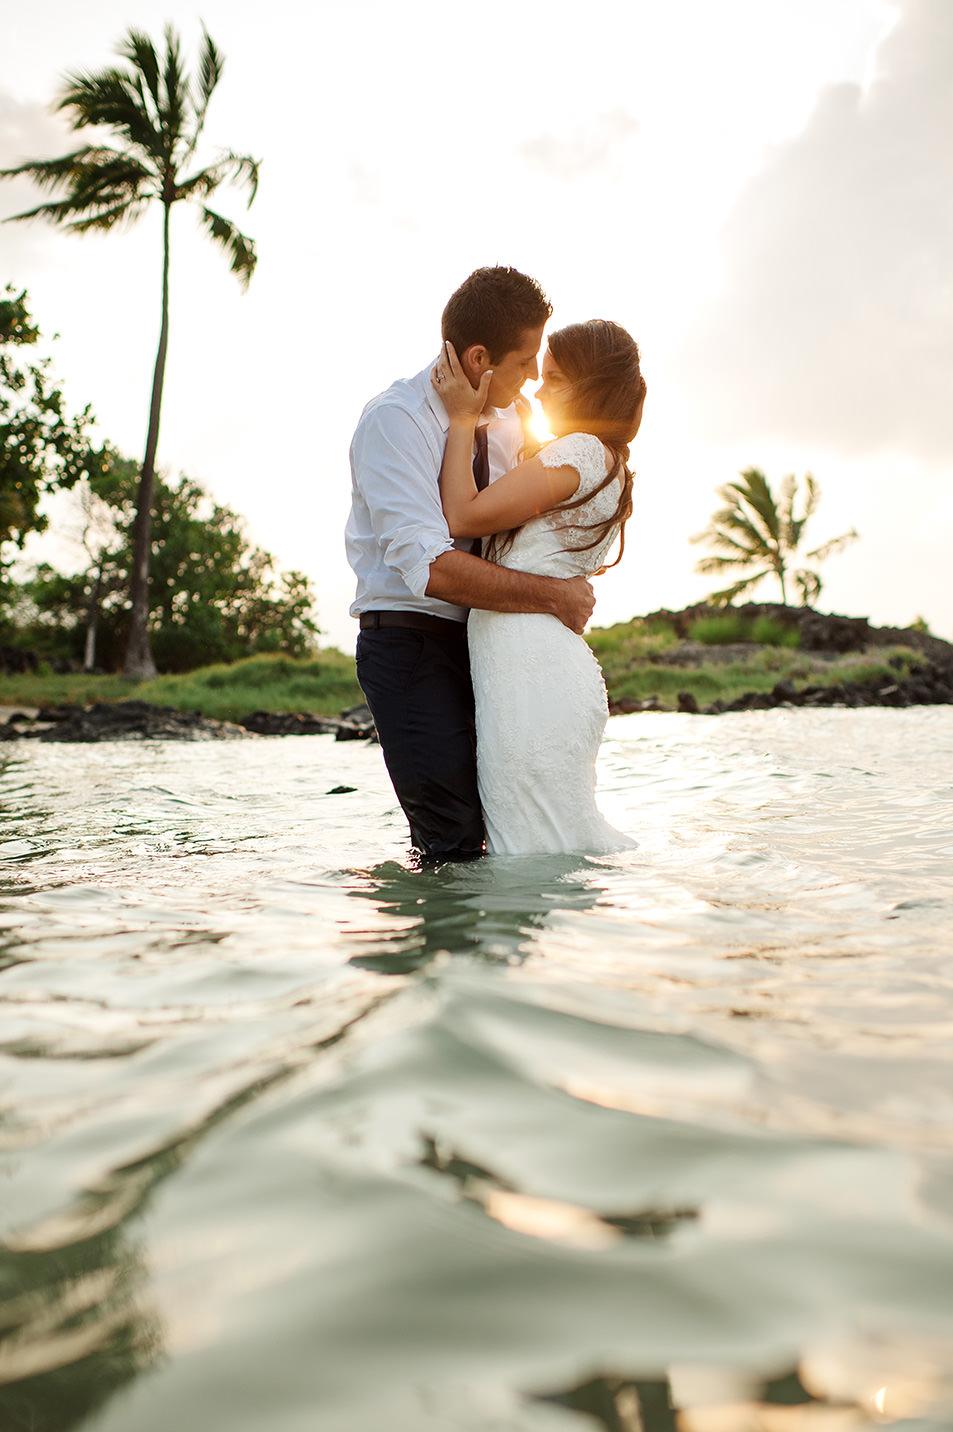 Kona-Hawaii-beach-wedding-Hawaii-wedding-Photographer33.jpg